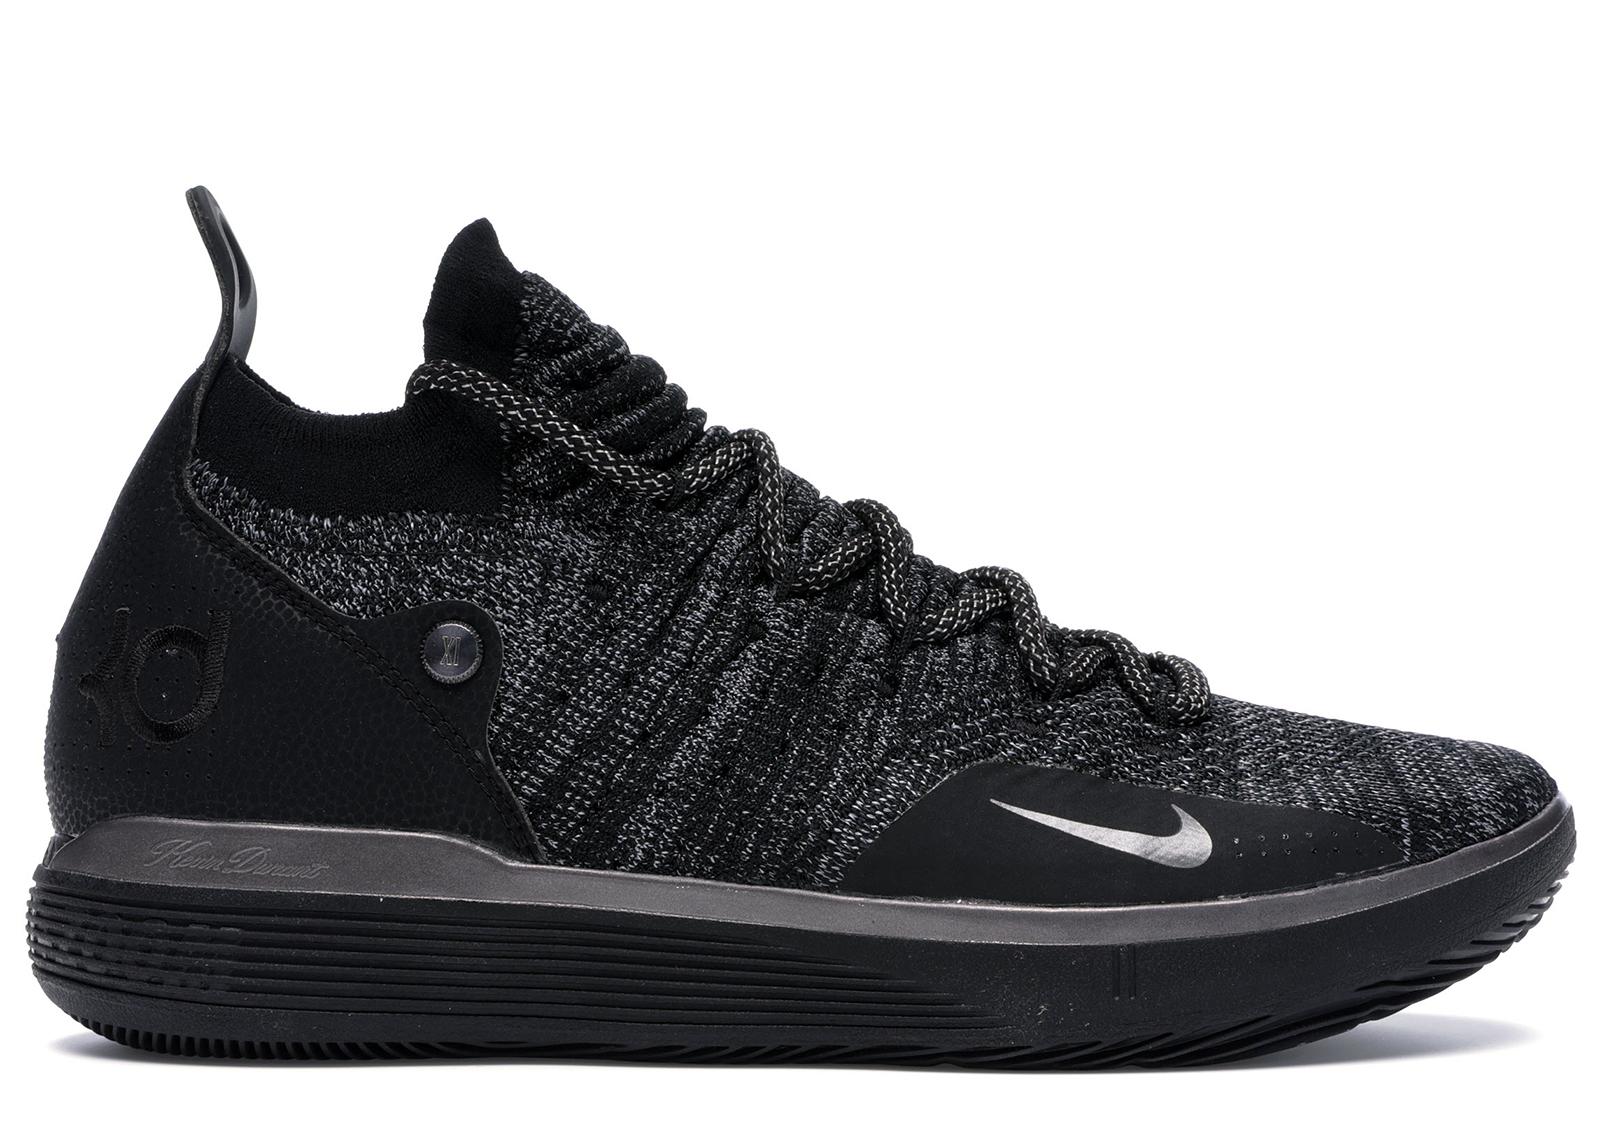 Nike KD 11 Black Twilight Pulse